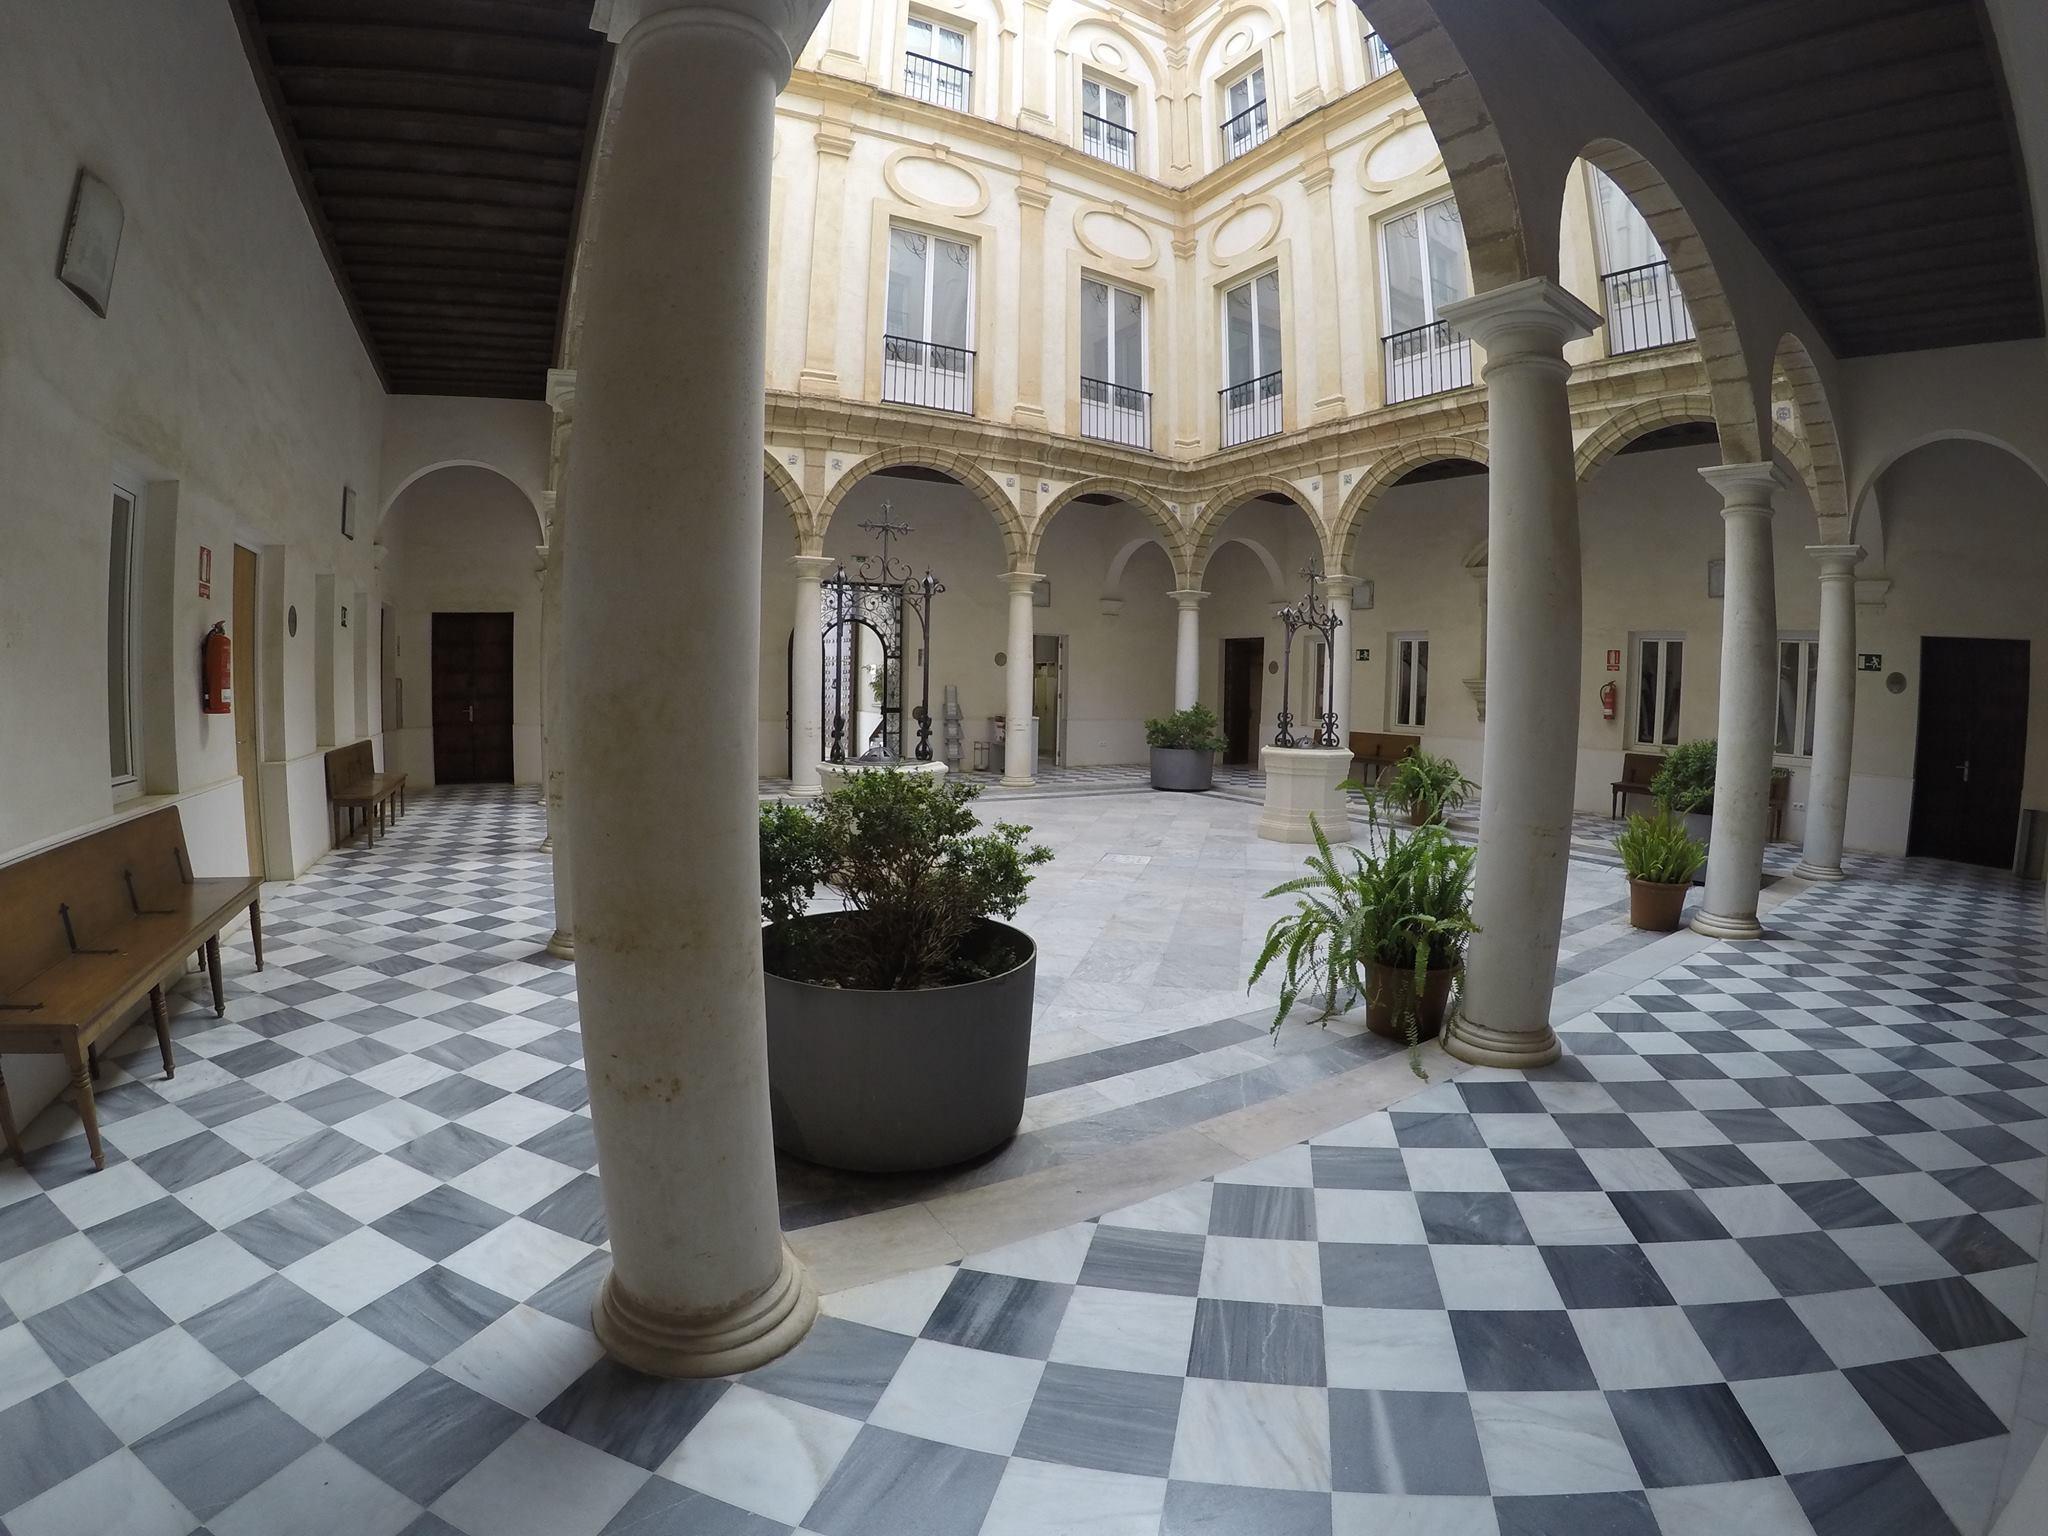 Ganar Cádiz apoyará el convenio con la UCA tras conseguir incluir nuevas condiciones en un anexo